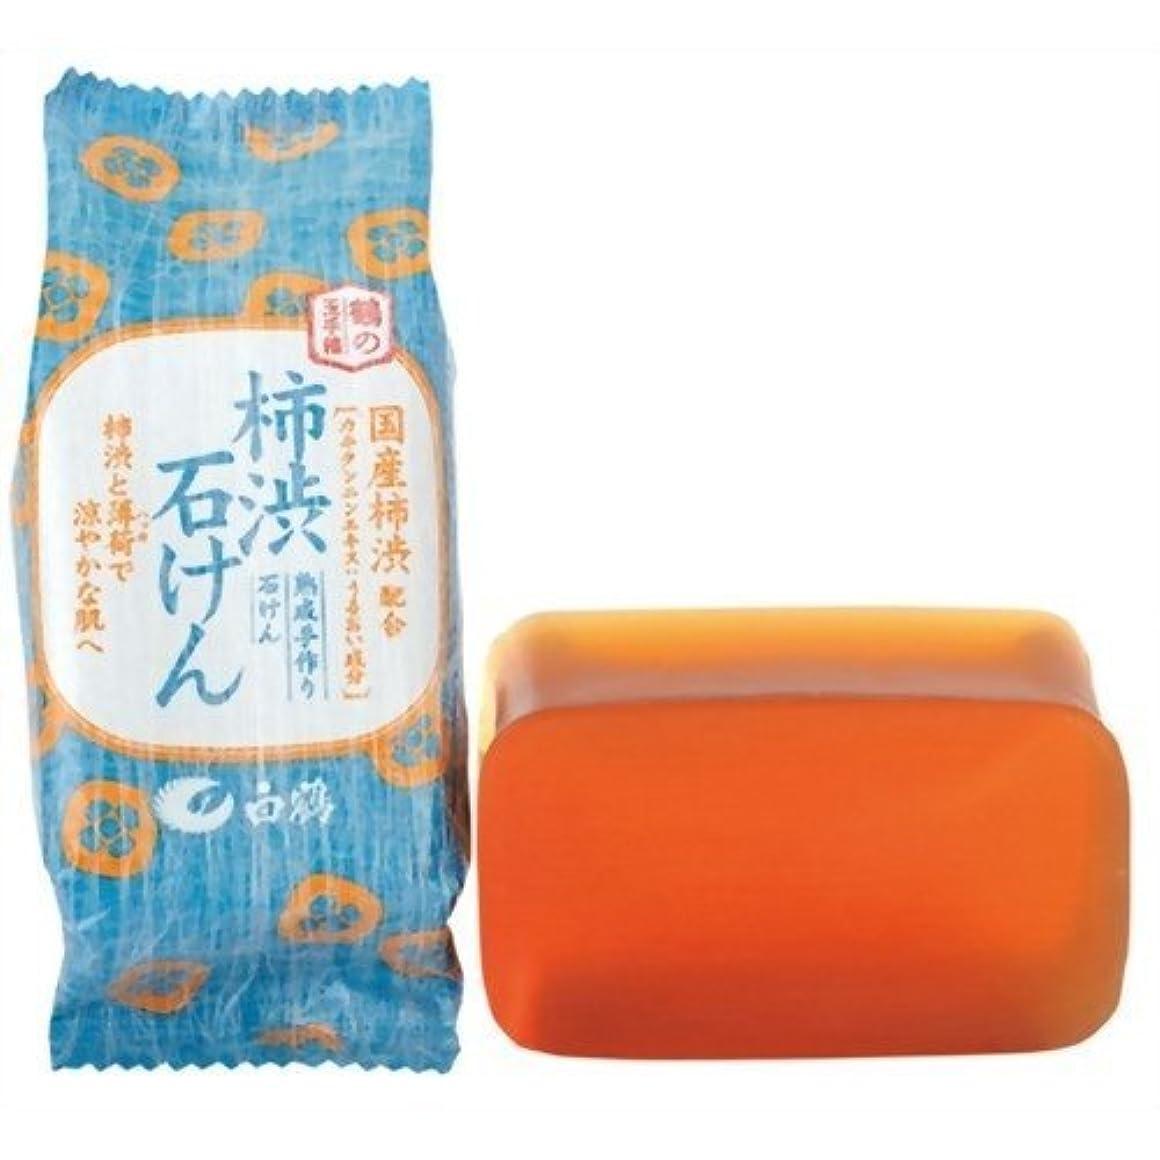 カレンダープランタースナッチ白鶴 鶴の玉手箱 薬用 柿渋石けん 110g × 5個